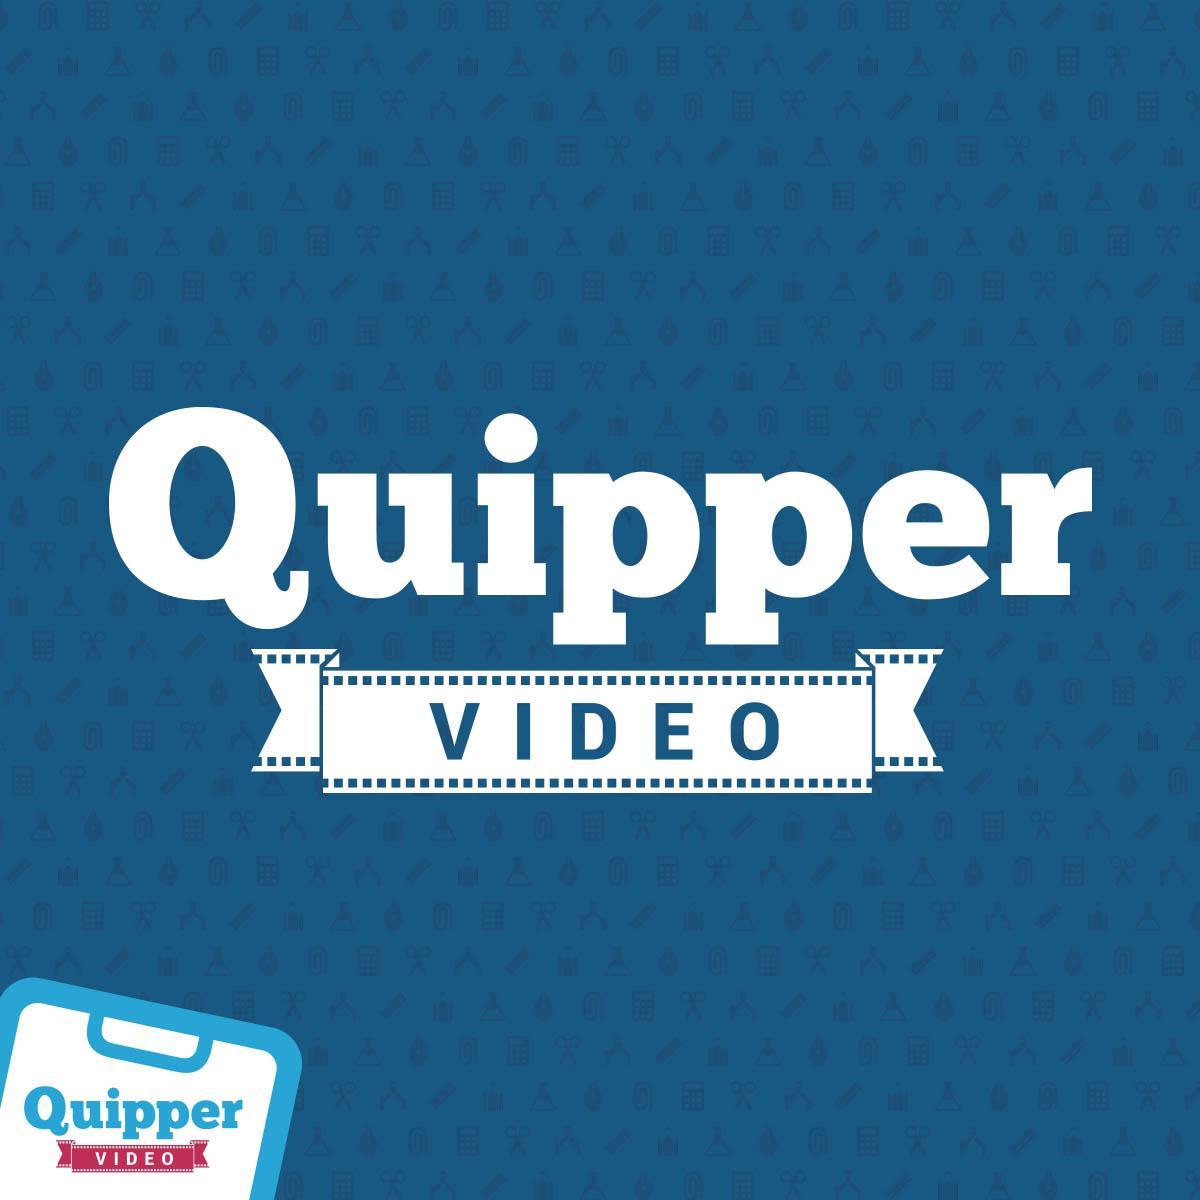 Quipper school quipperschool twitter 0 replies 9 retweets 7 likes stopboris Choice Image